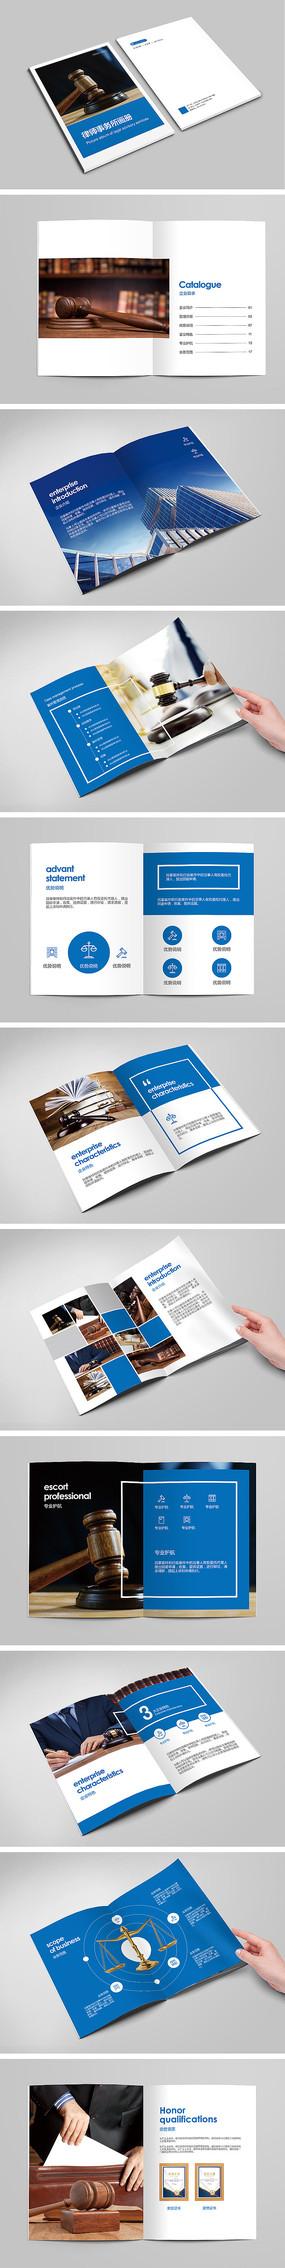 律师事务所宣传画册